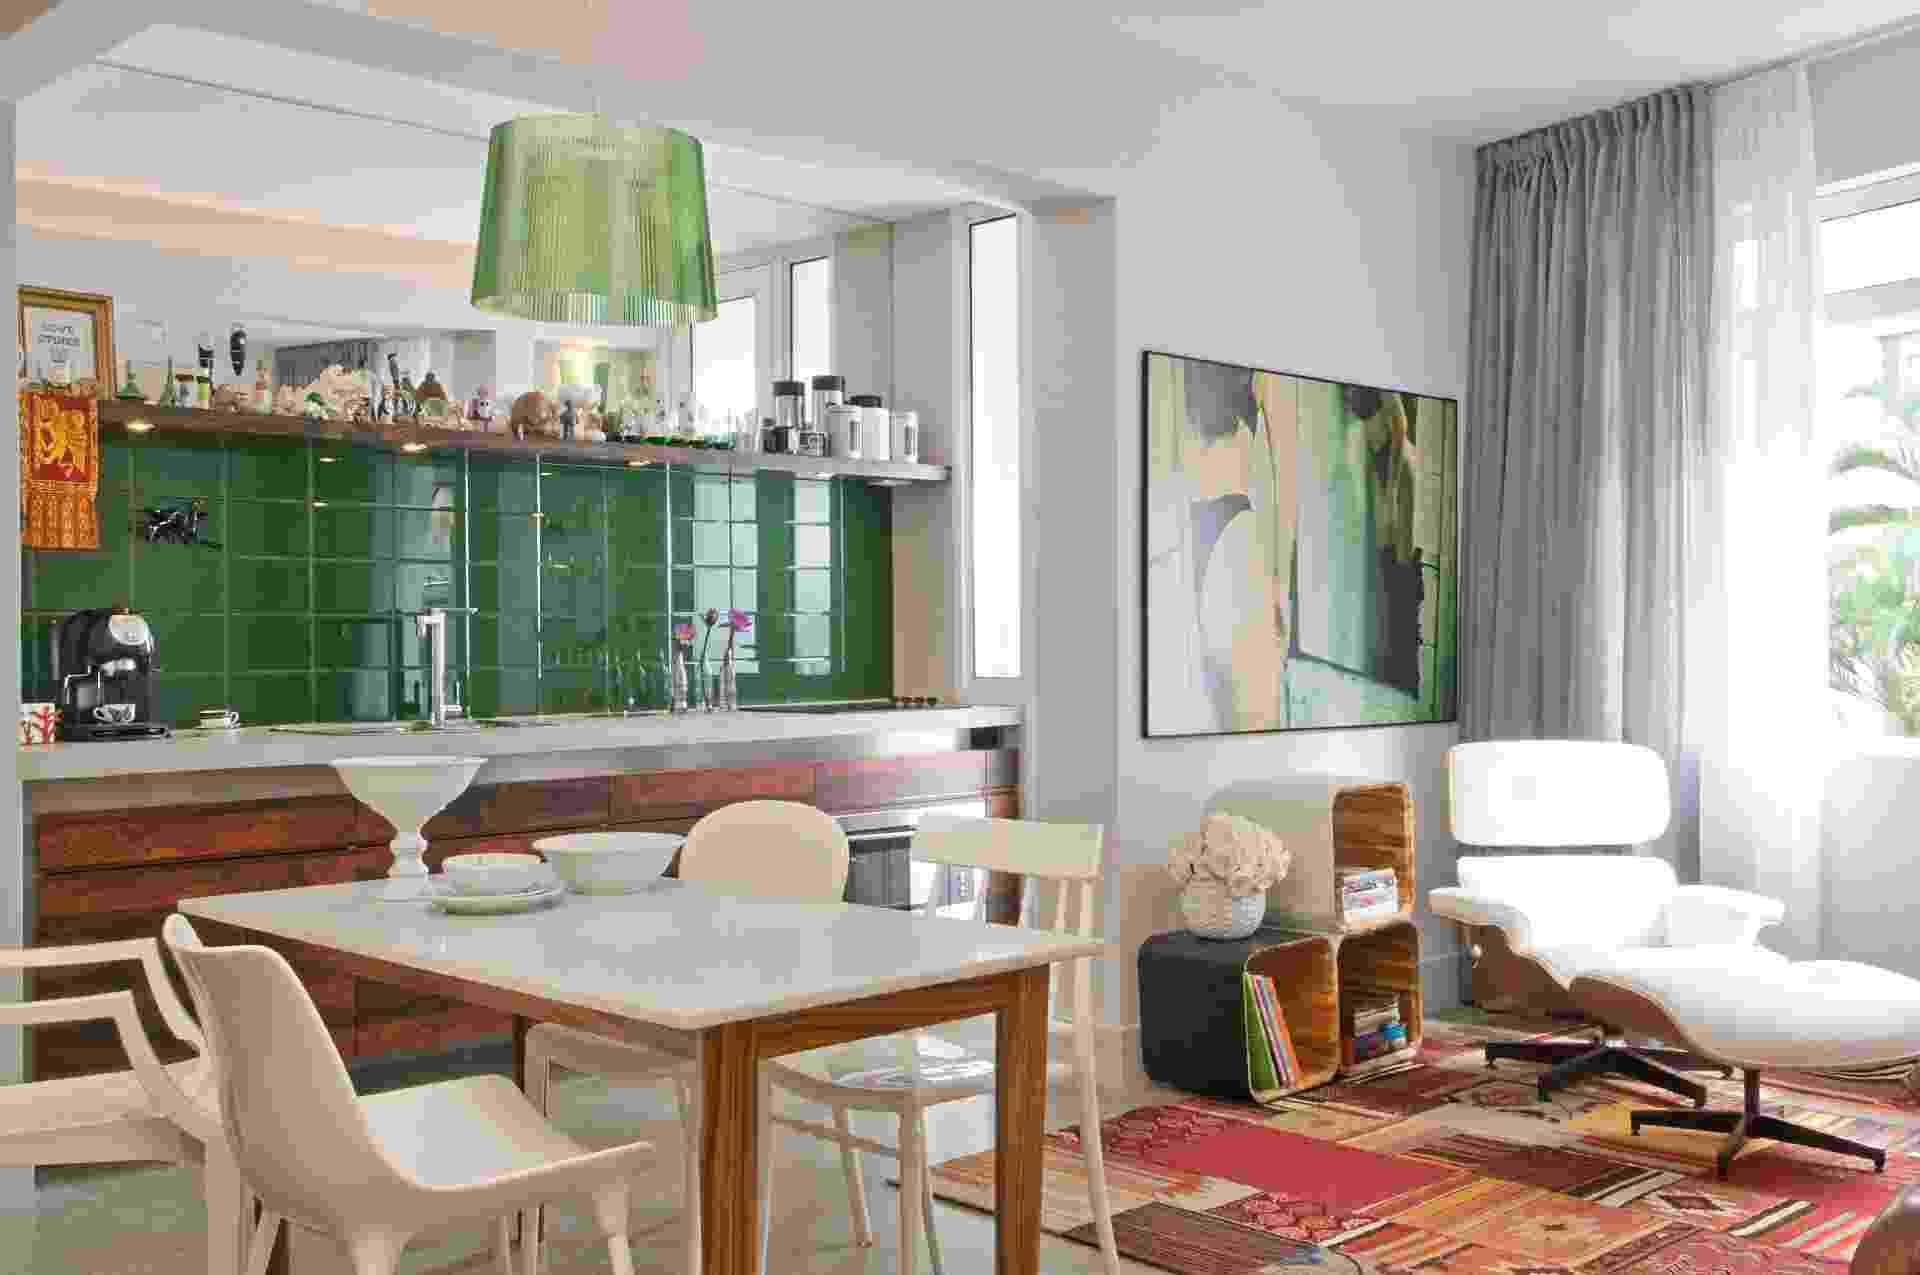 O segredo para acomodar a sala de jantar em espaços pequenos está no planejamento. Neste projeto de Décio Navarro, ela (6,25 m²) está entre a cozinha e o estar, que se integram pelo piso. Feita de madeira e acabamento laqueado no tampo, a mesa compõe com cadeiras de diversos desenhos e as portas do gabinete em laminado padrão jacarandá. O pendente sobre ela combina com o revestimento de parede - Luis Gomes/Divulgação